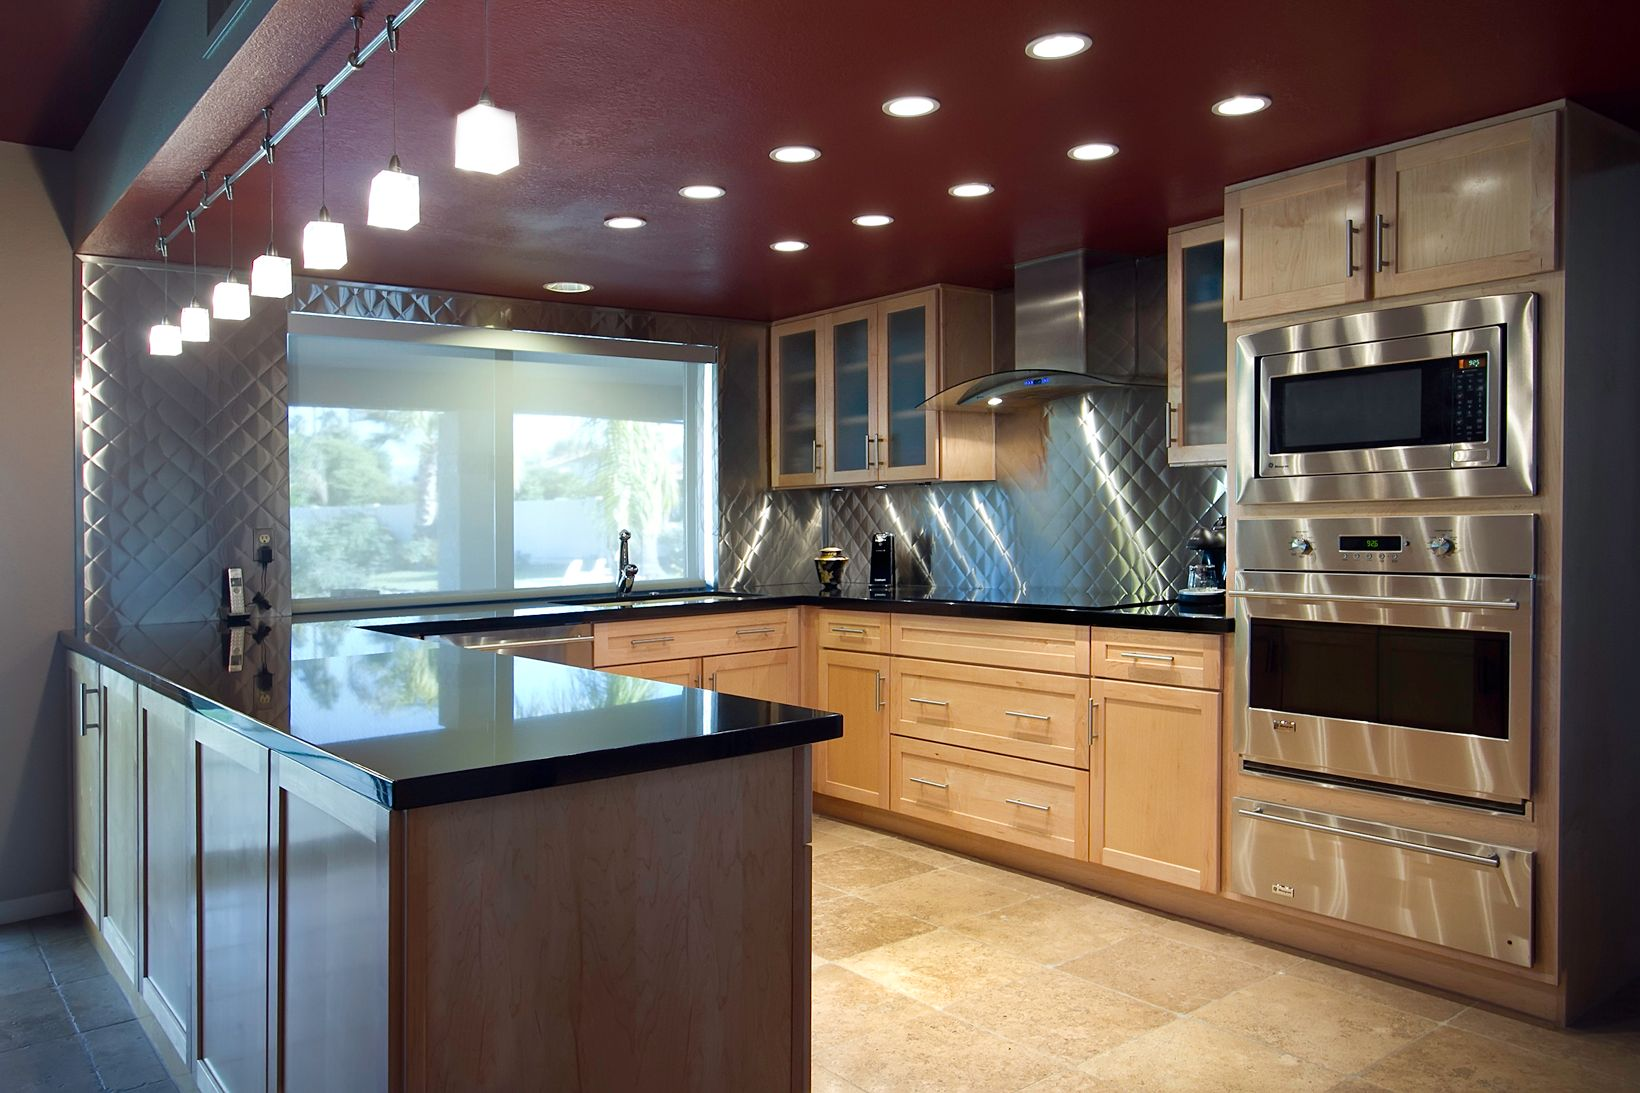 kitchen remodeling contractors edison watchung bridgewater warren nj